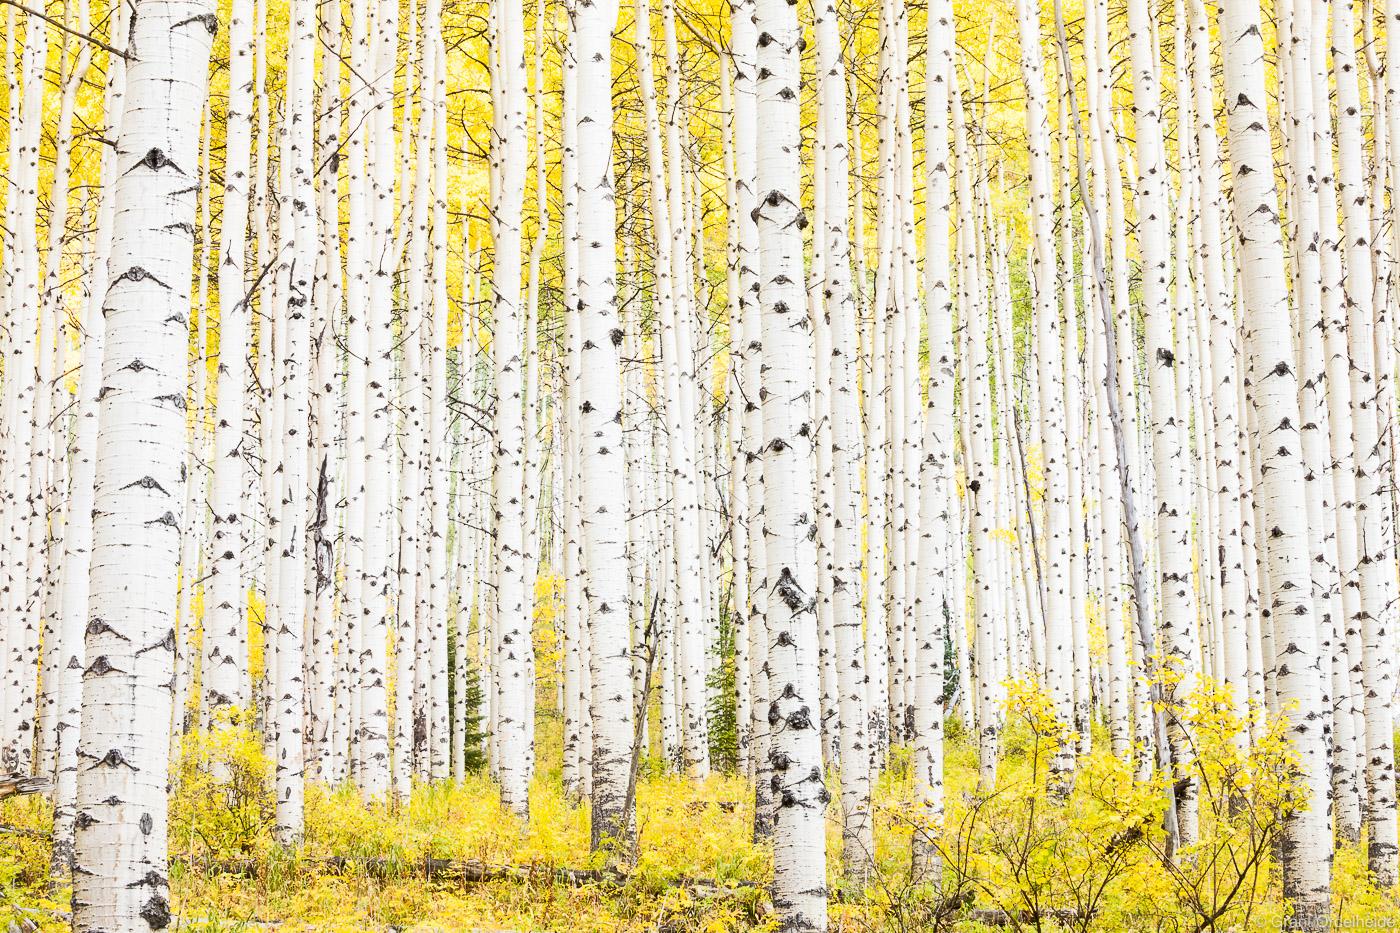 A dense grove of aspens during Colorado's golden fall season.